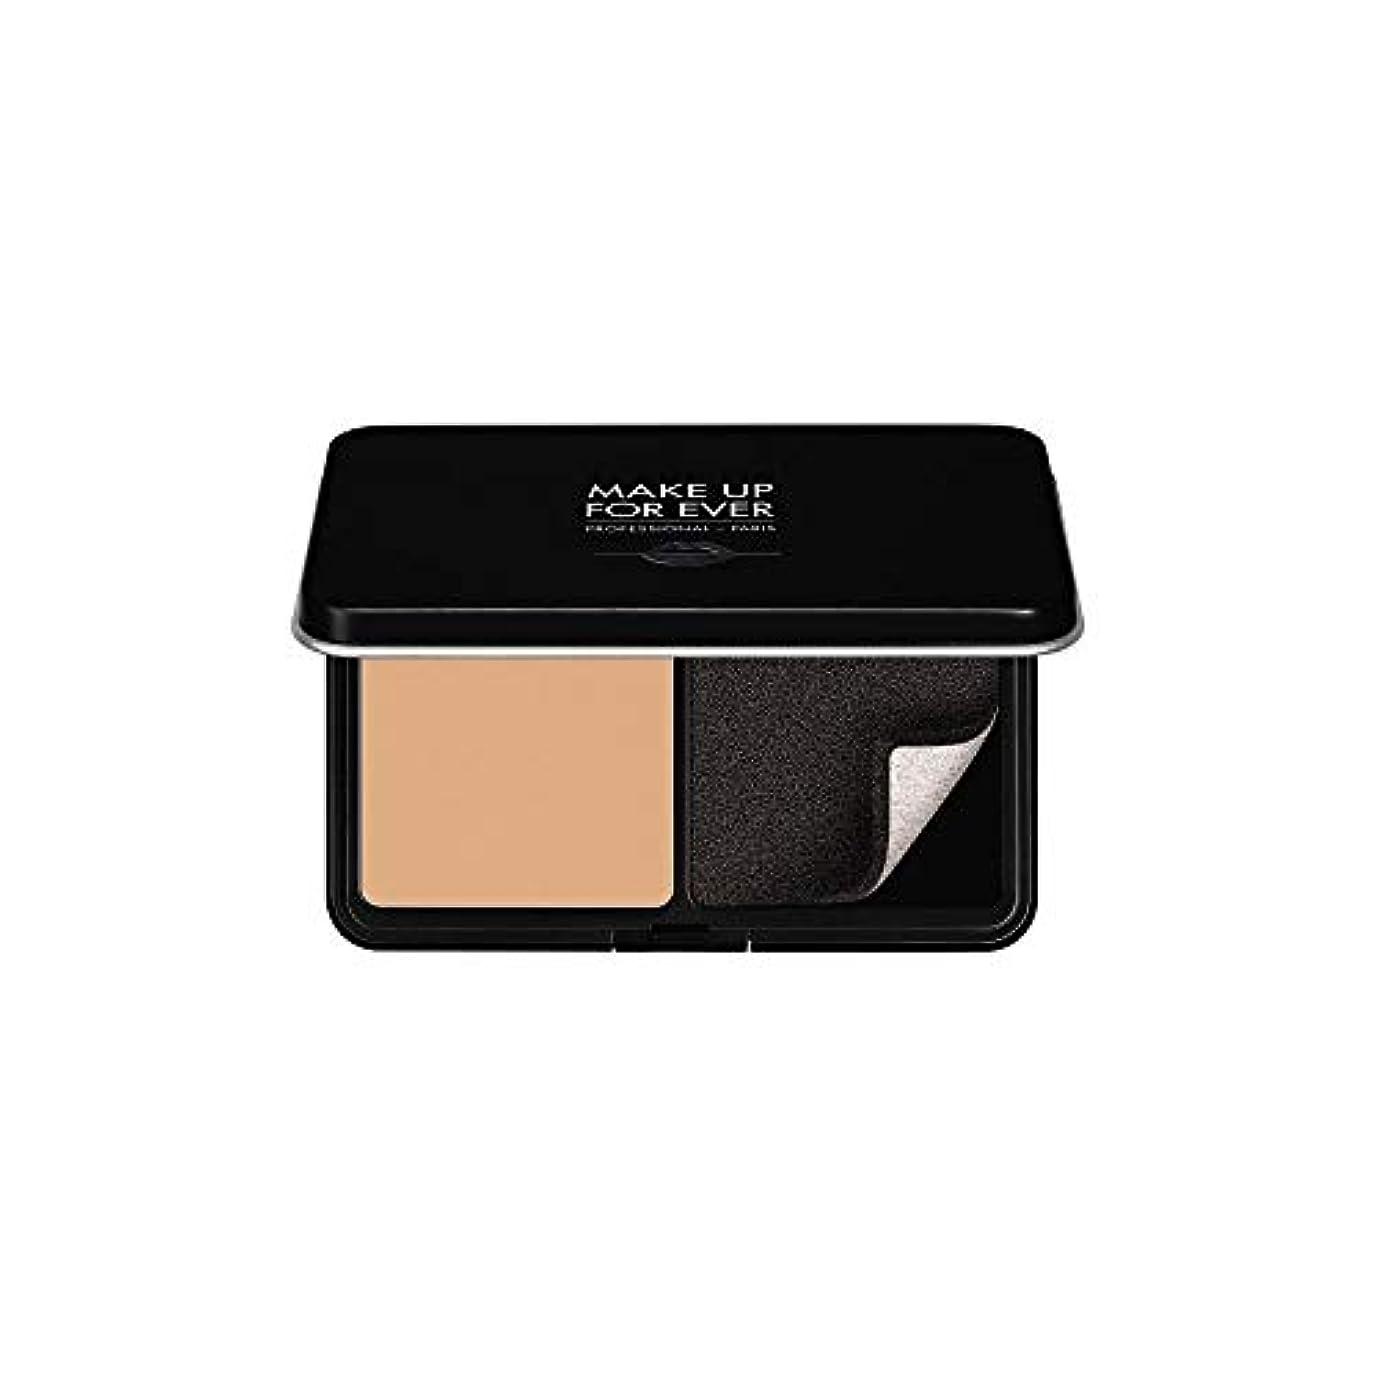 口実自分自身サスペンションメイクアップフォーエバー Matte Velvet Skin Blurring Powder Foundation - # R260 (Pink Beige) 11g/0.38oz並行輸入品